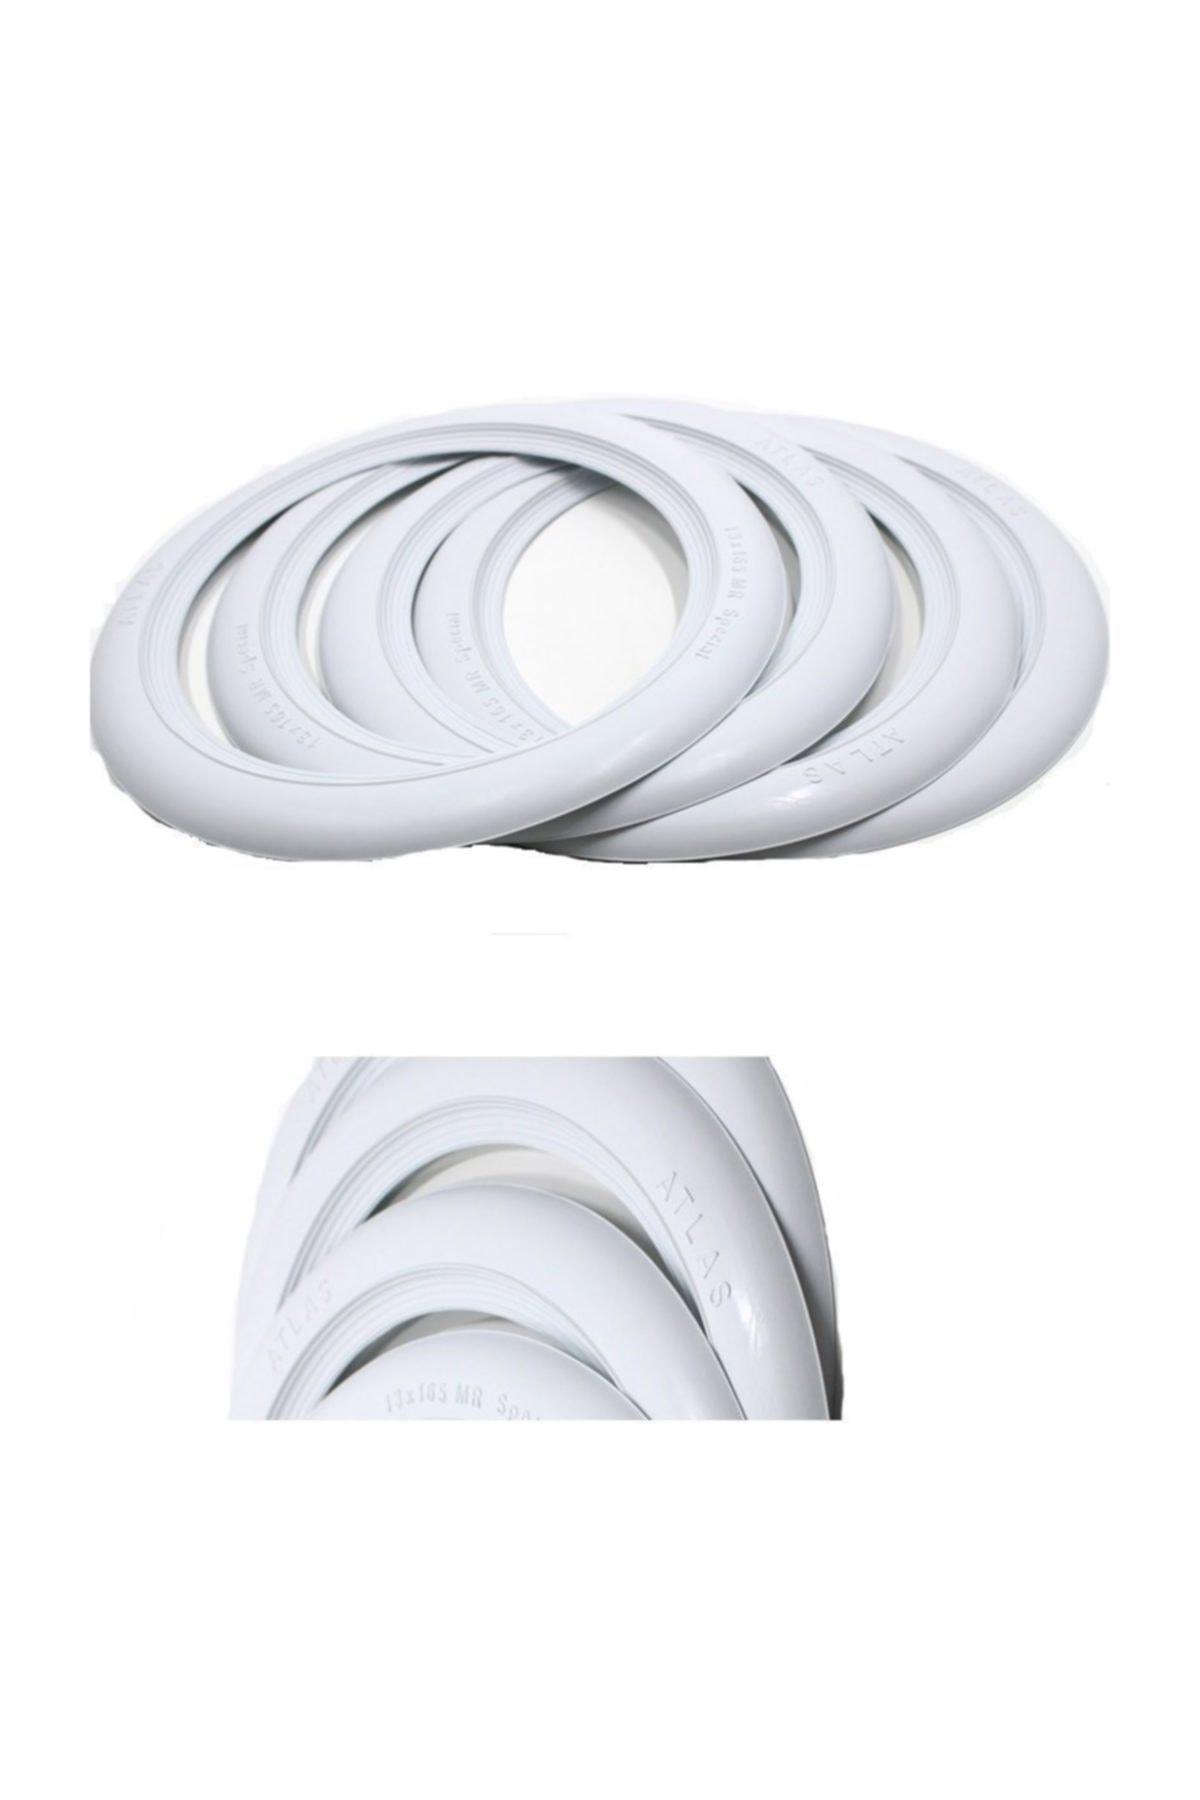 EMN Lüks Lastik Yanağı Beyaz 14 Jant (1 Takım 4 Adet) 1